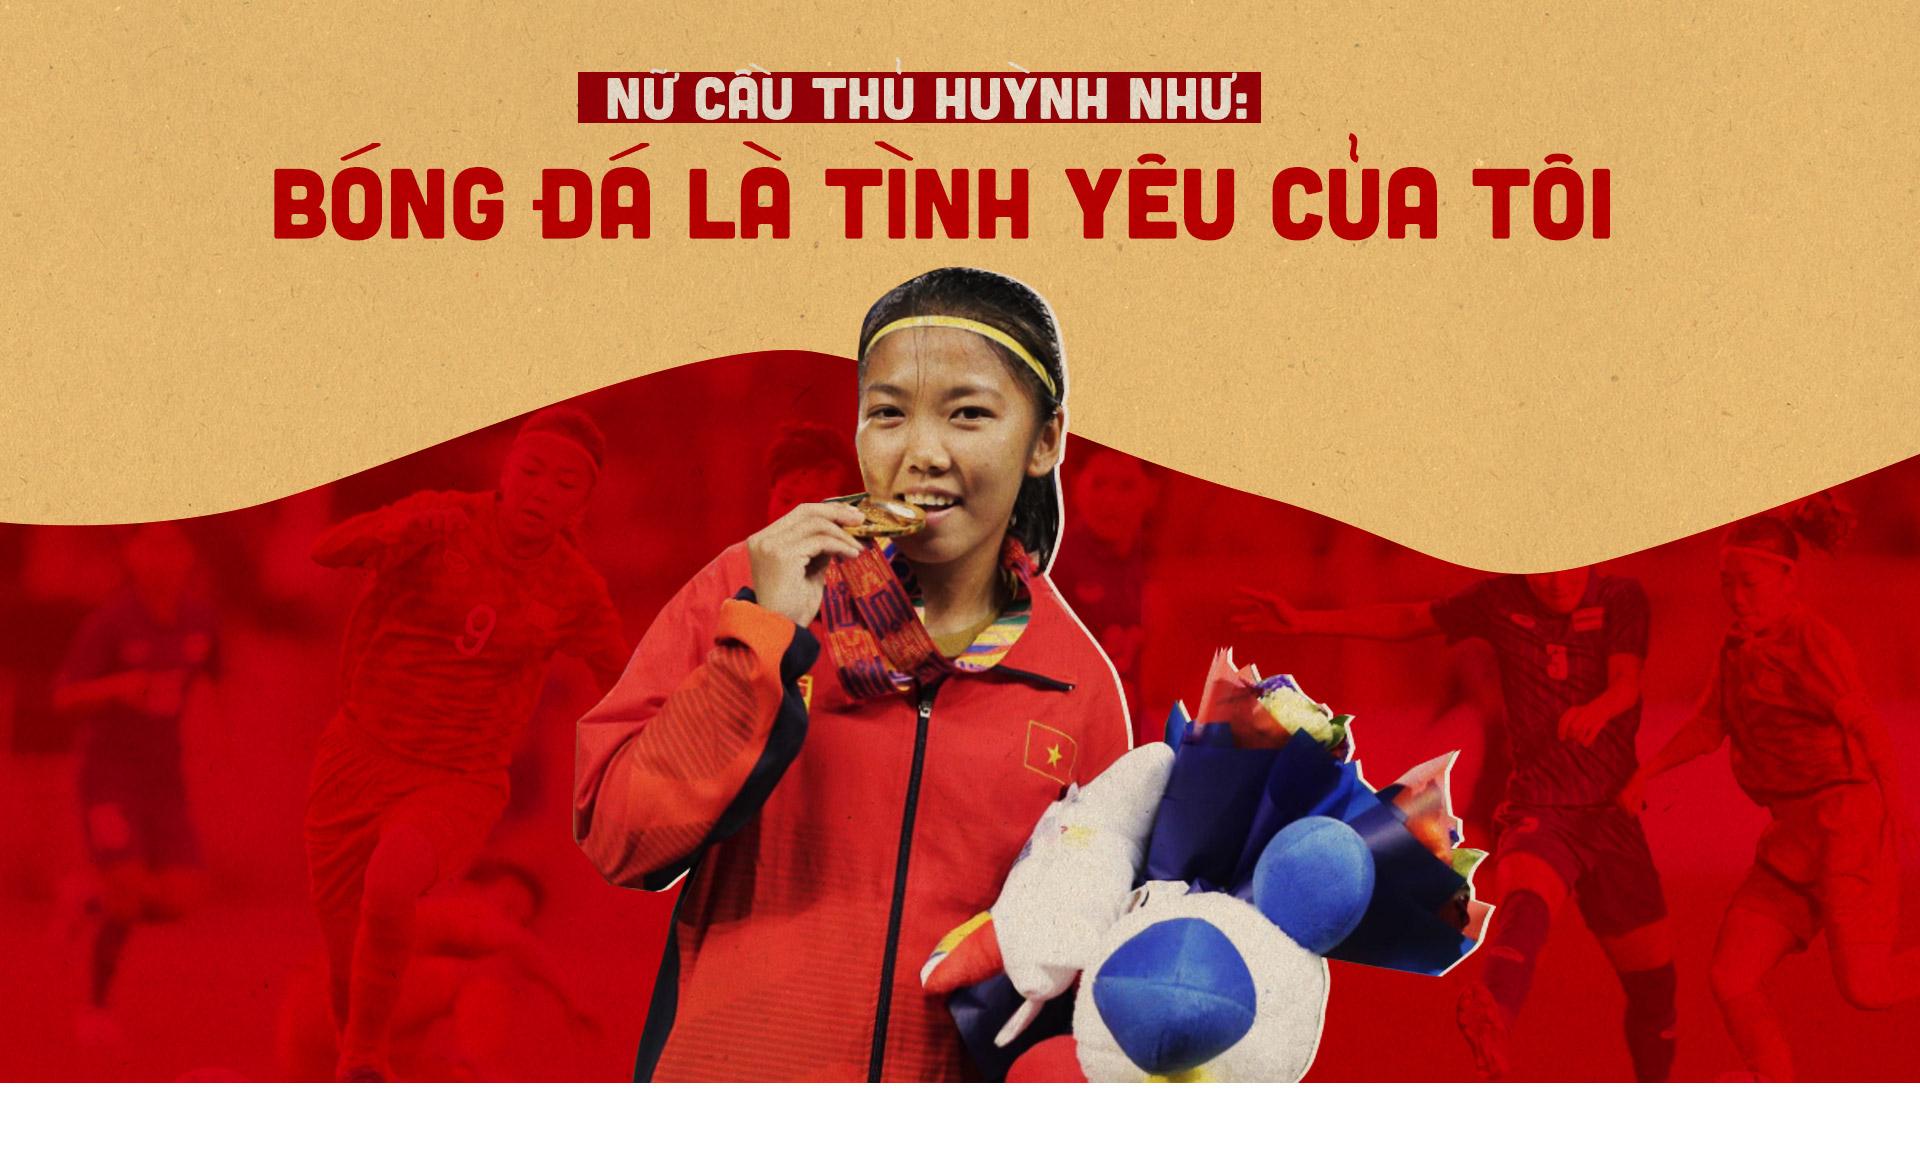 Nữ cầu thủ Huỳnh Như: Bóng đá là tình yêu của tôi